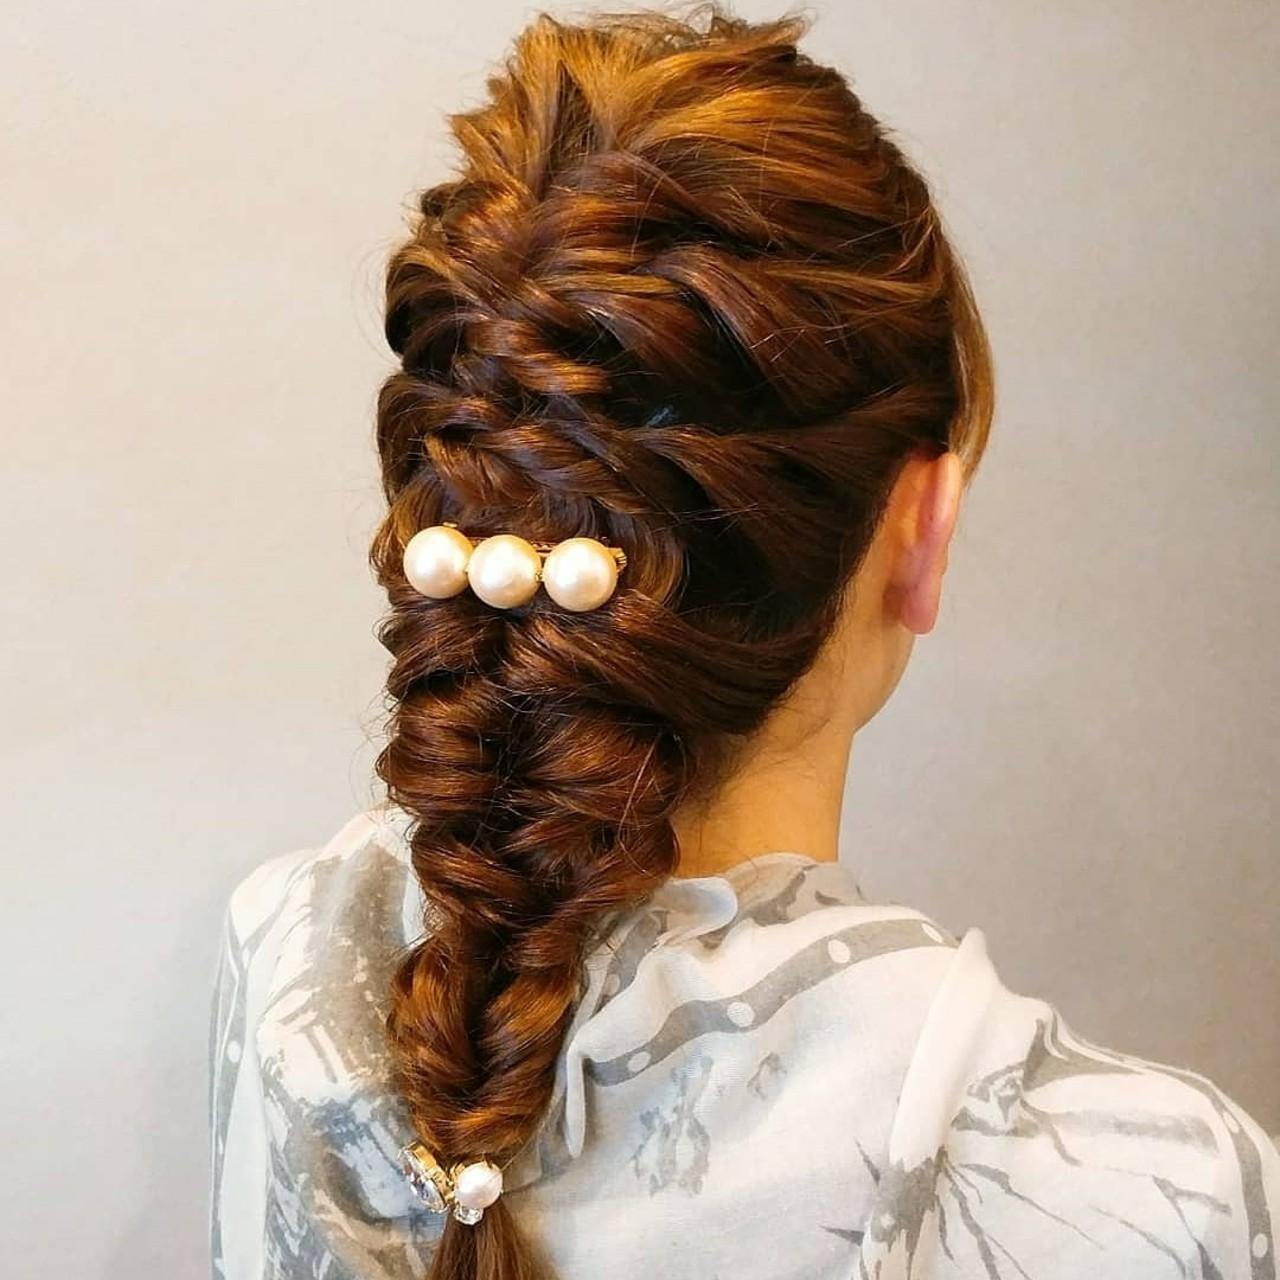 ナチュラル 編み込み ロング ヘアスタイルや髪型の写真・画像 | スタイリスト hori / Hairmake バランシア 銀座